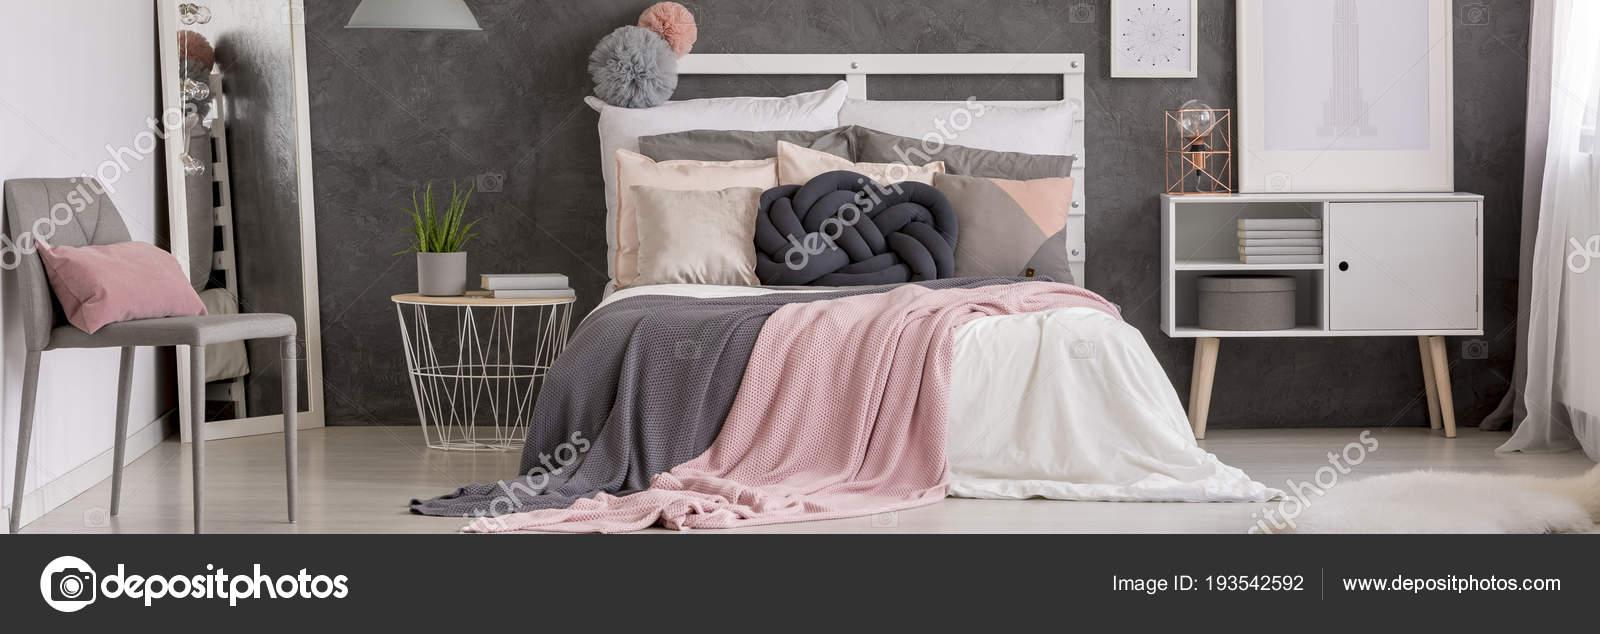 Weisses Bett Mit Vielen Kissen Und Grauer Stuhl Spiegel